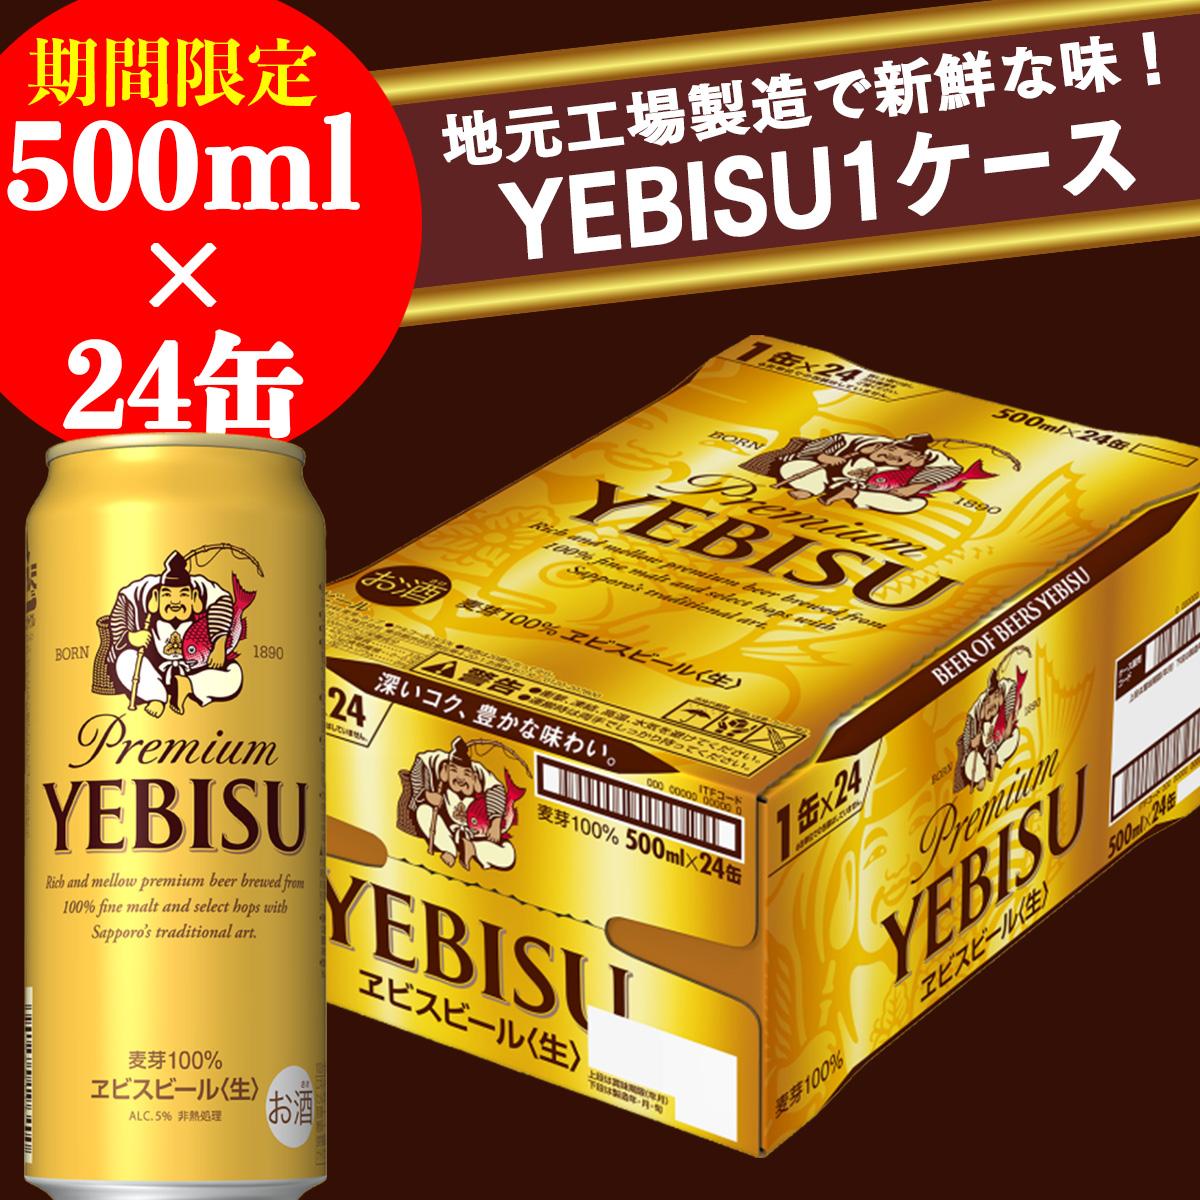 【ふるさと納税】地元名取生産 ヱビスビール 500ml 24本(1ケース)